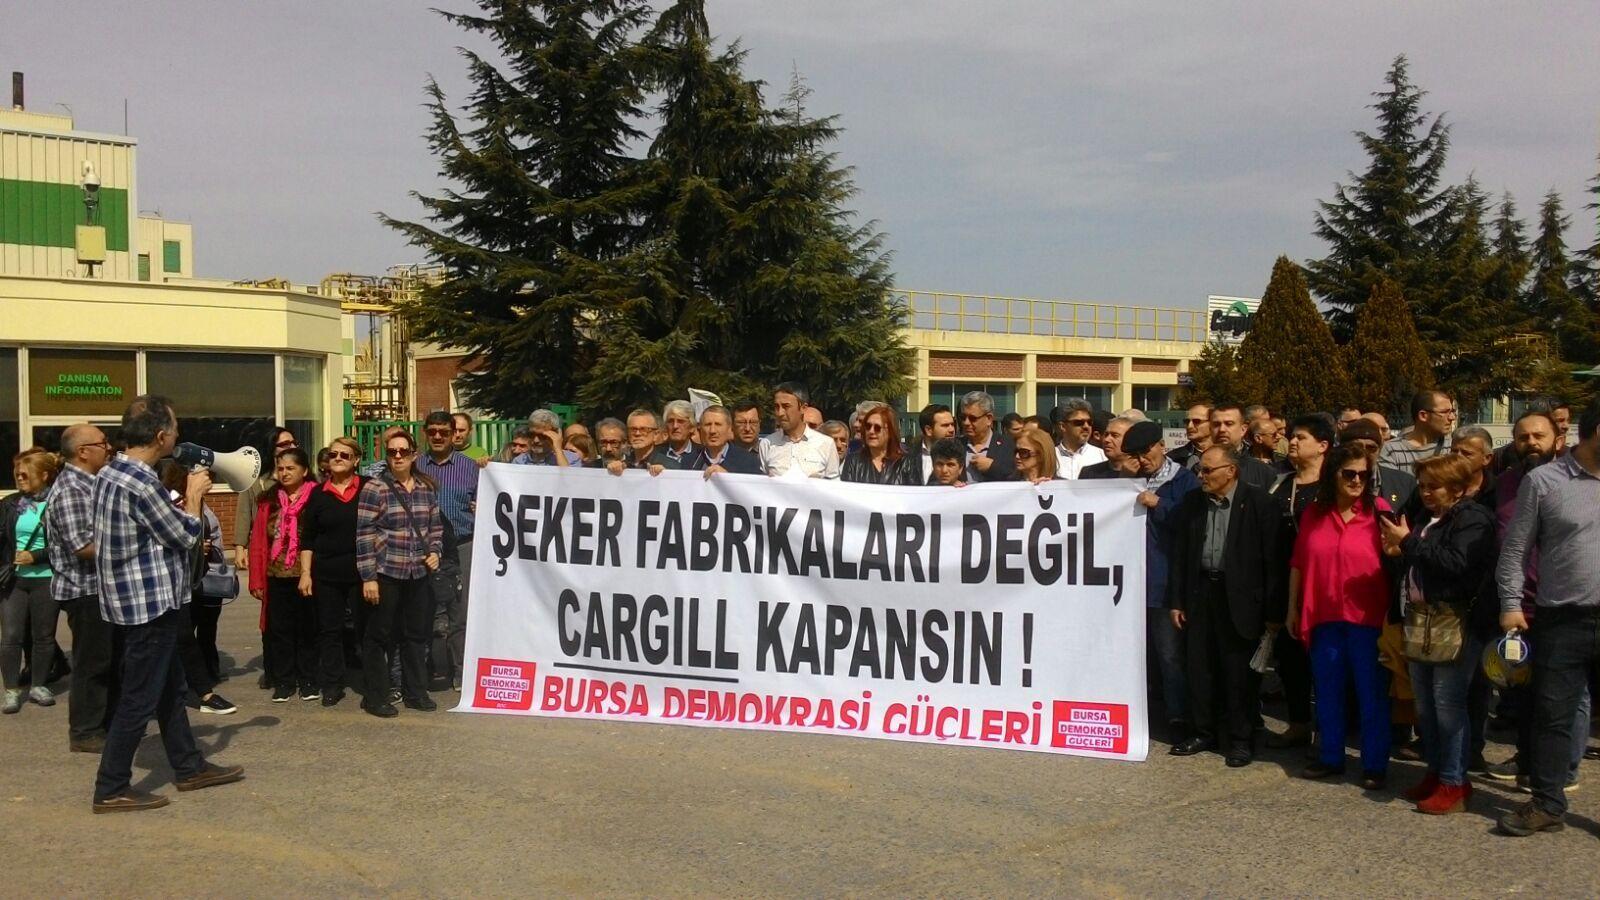 Bursa Demokrasi Güçleri Şeker Fabrikalarının Kapatılmasına Karşı Eylem Yaptı